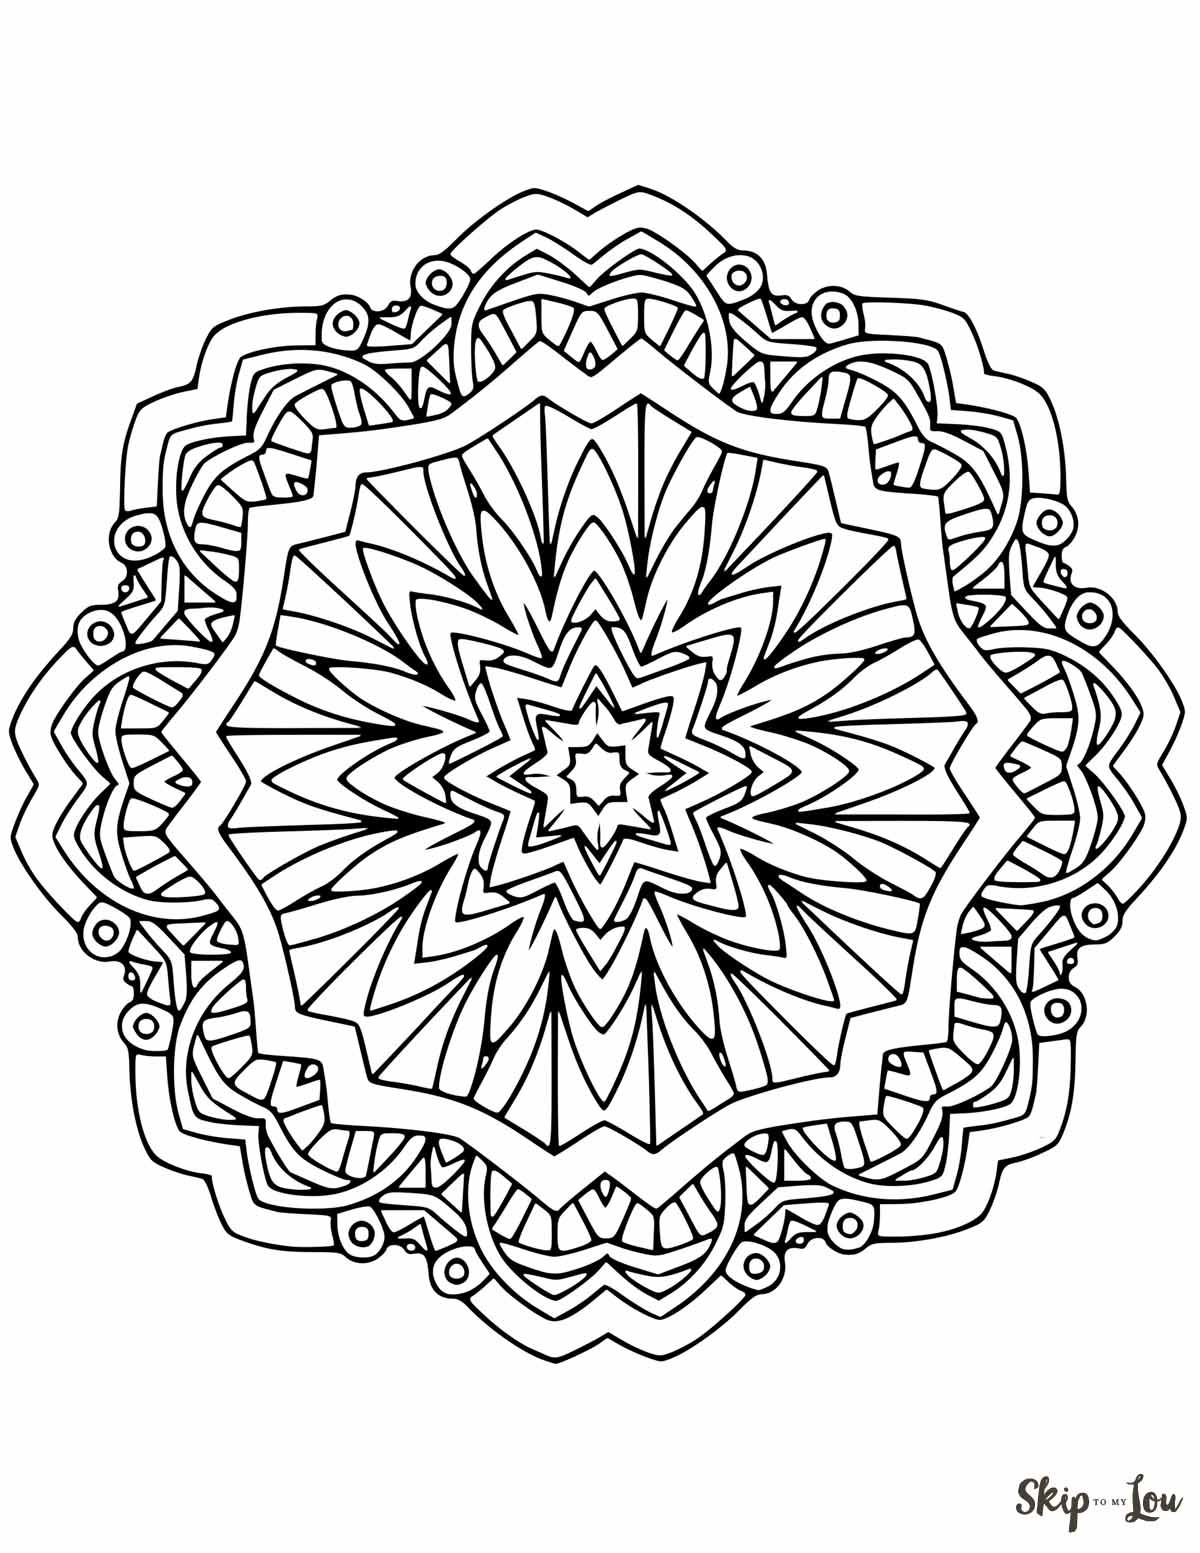 Beautiful Free Mandala Coloring Pages Mandala Coloring Pages Geometric Coloring Pages Abstract Coloring Pages